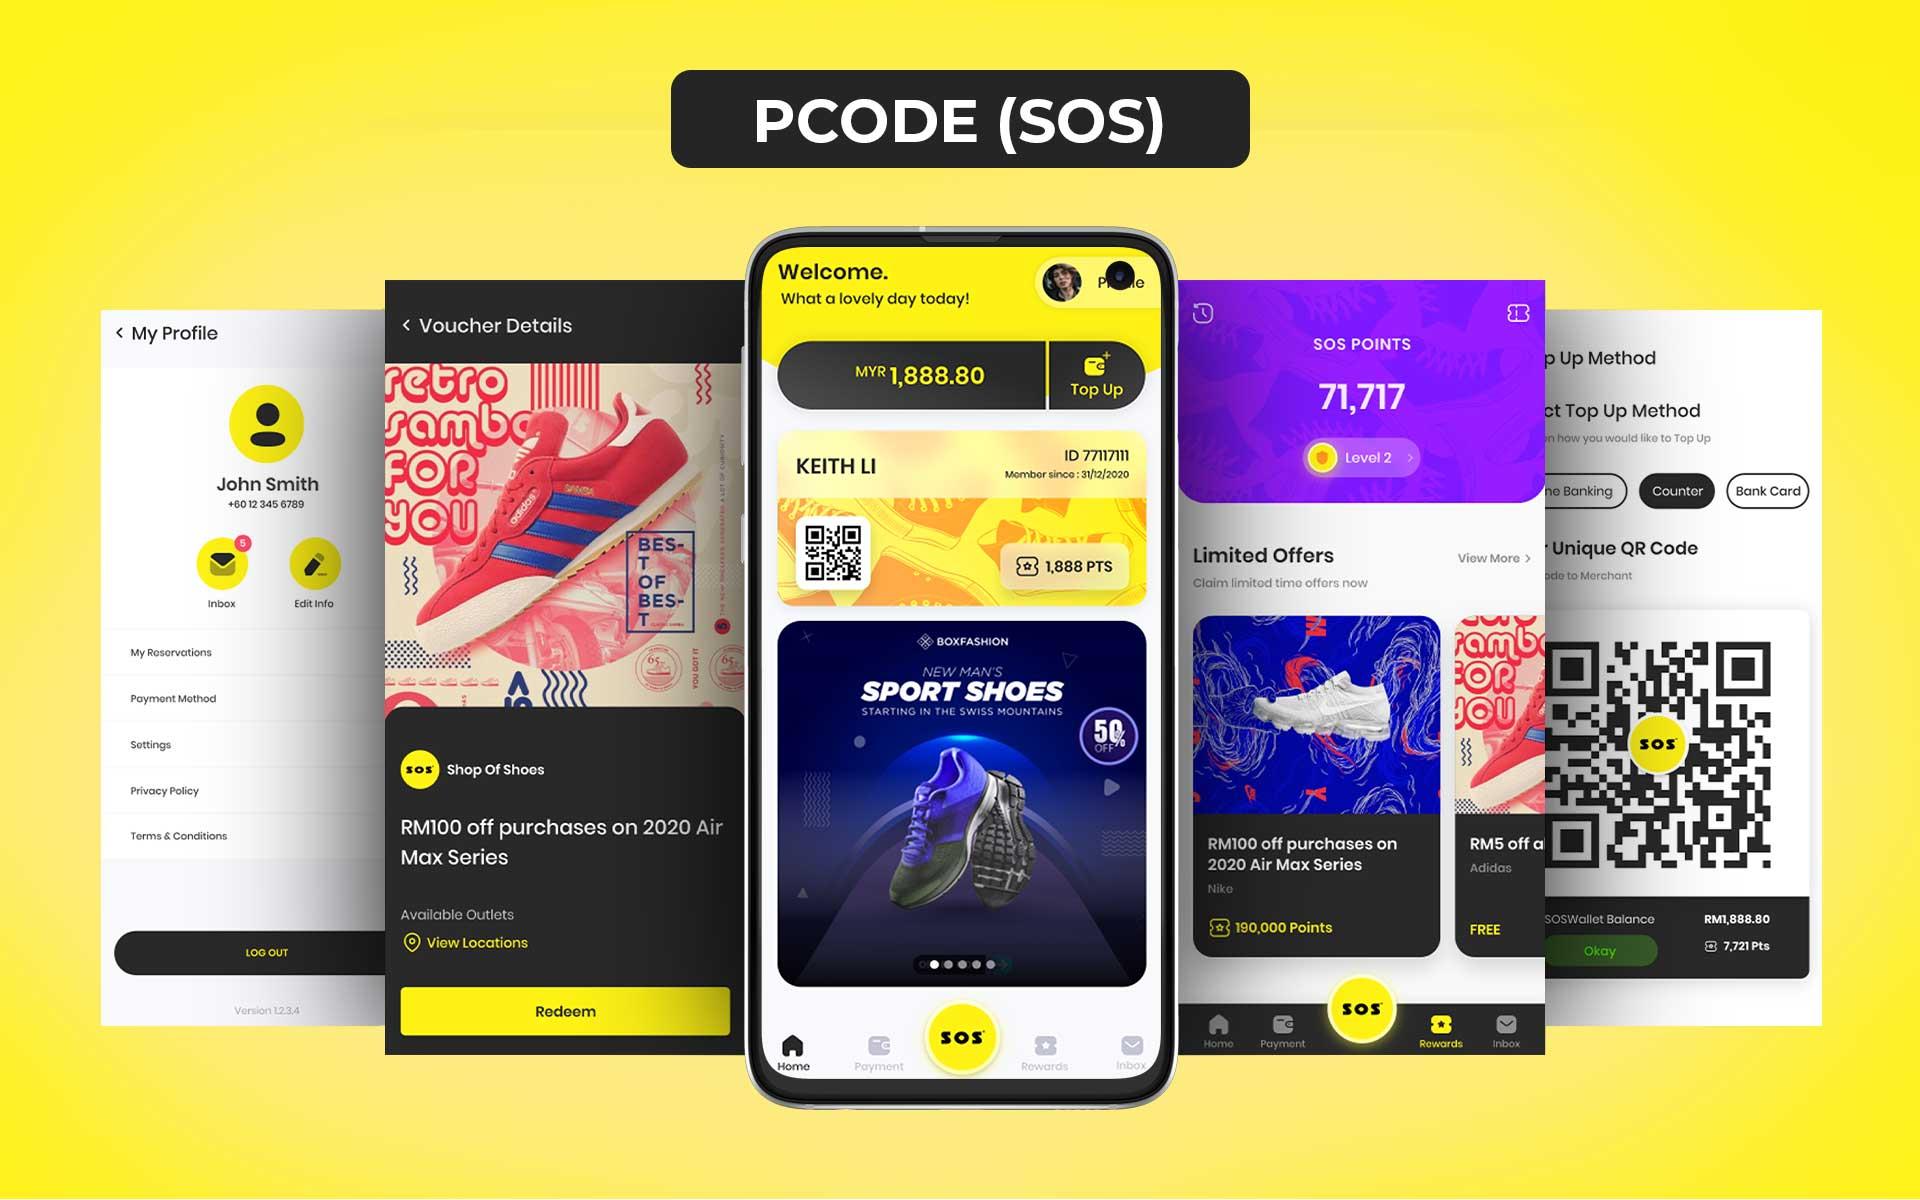 PCODE-SOS